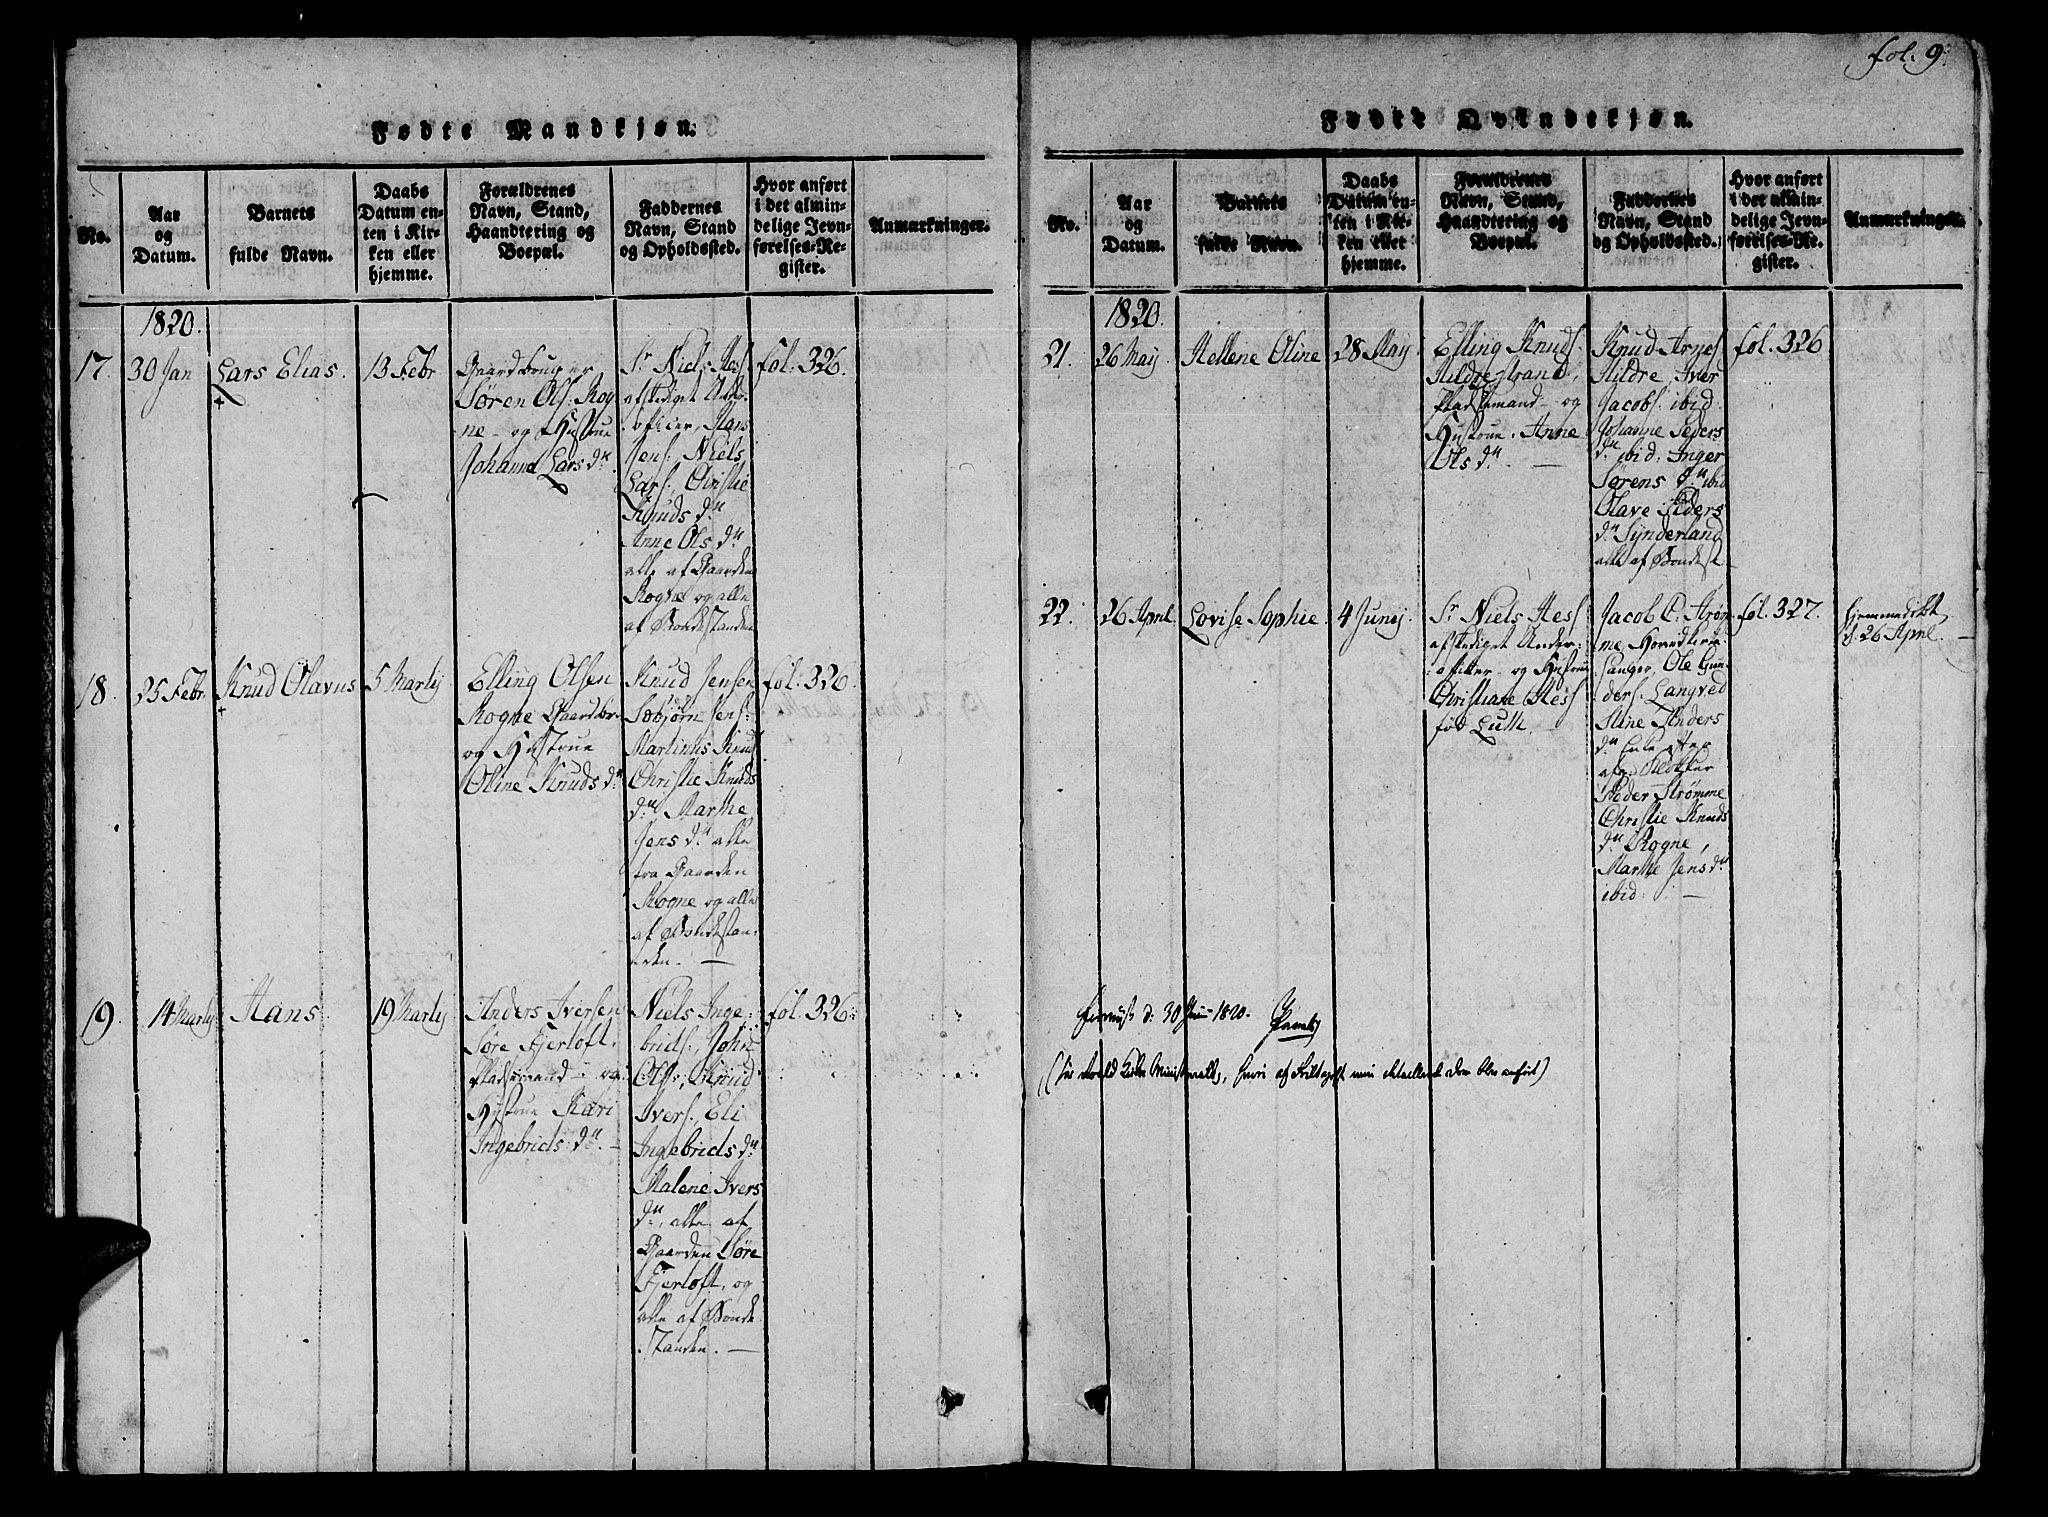 SAT, Ministerialprotokoller, klokkerbøker og fødselsregistre - Møre og Romsdal, 536/L0495: Ministerialbok nr. 536A04, 1818-1847, s. 9